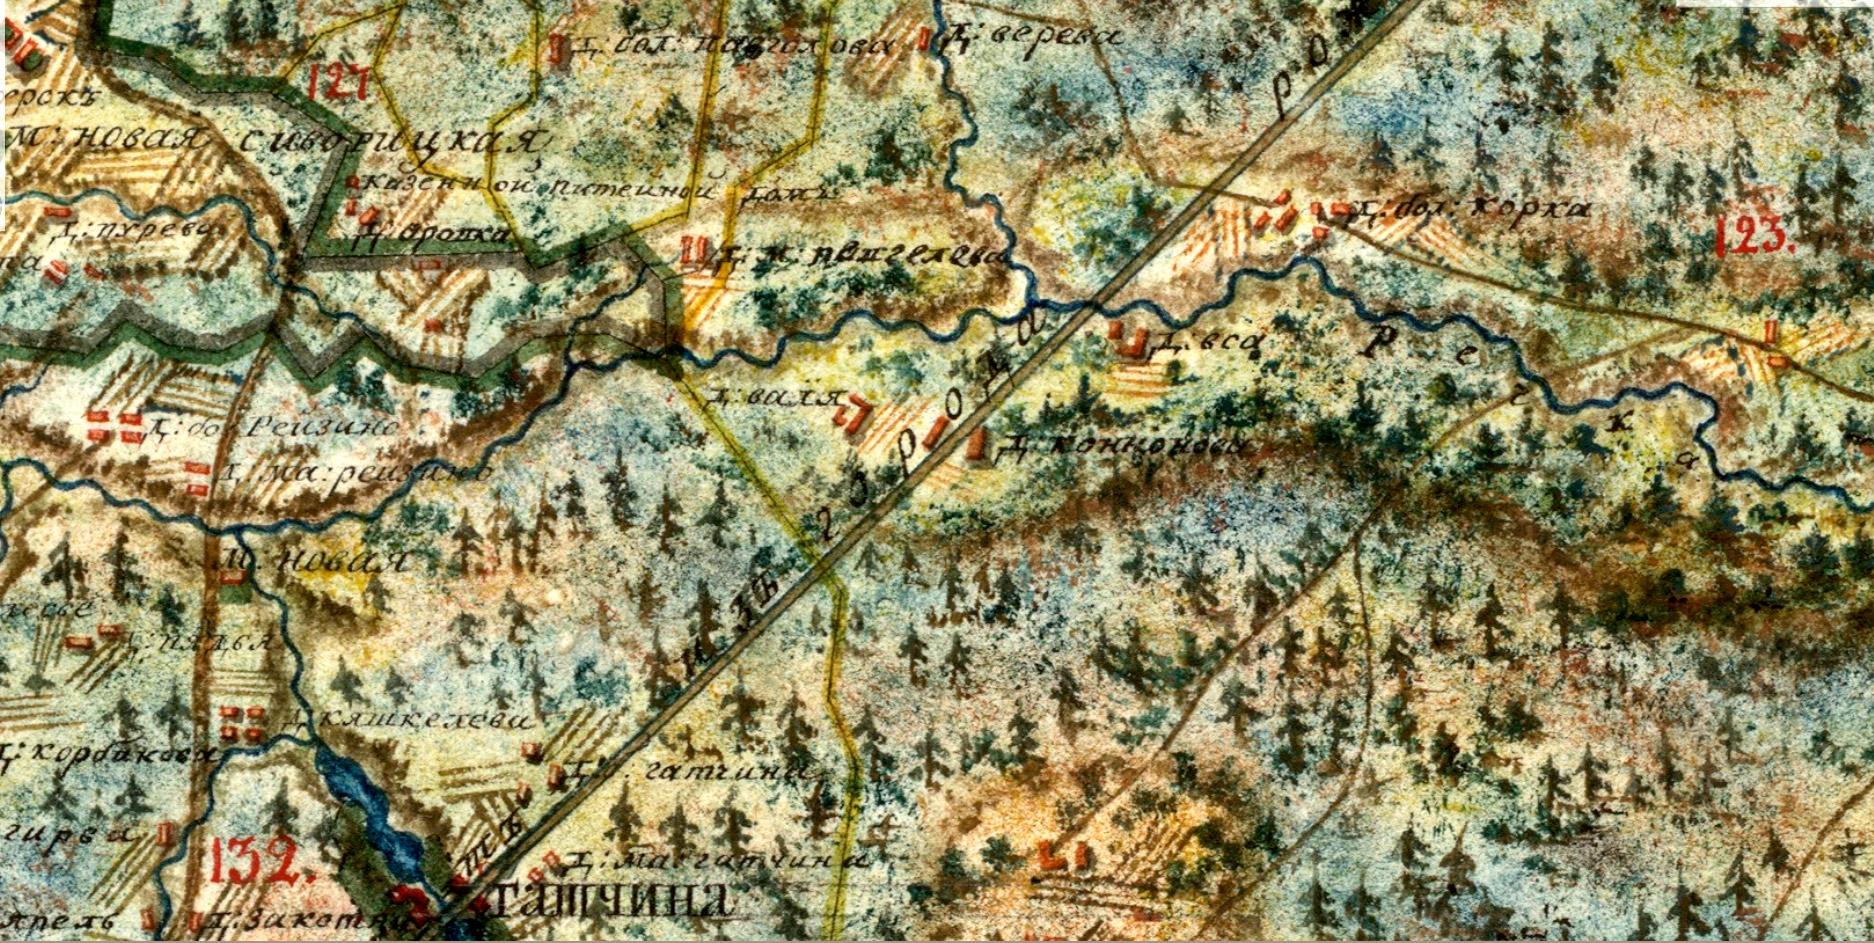 verevo-200-years-ago